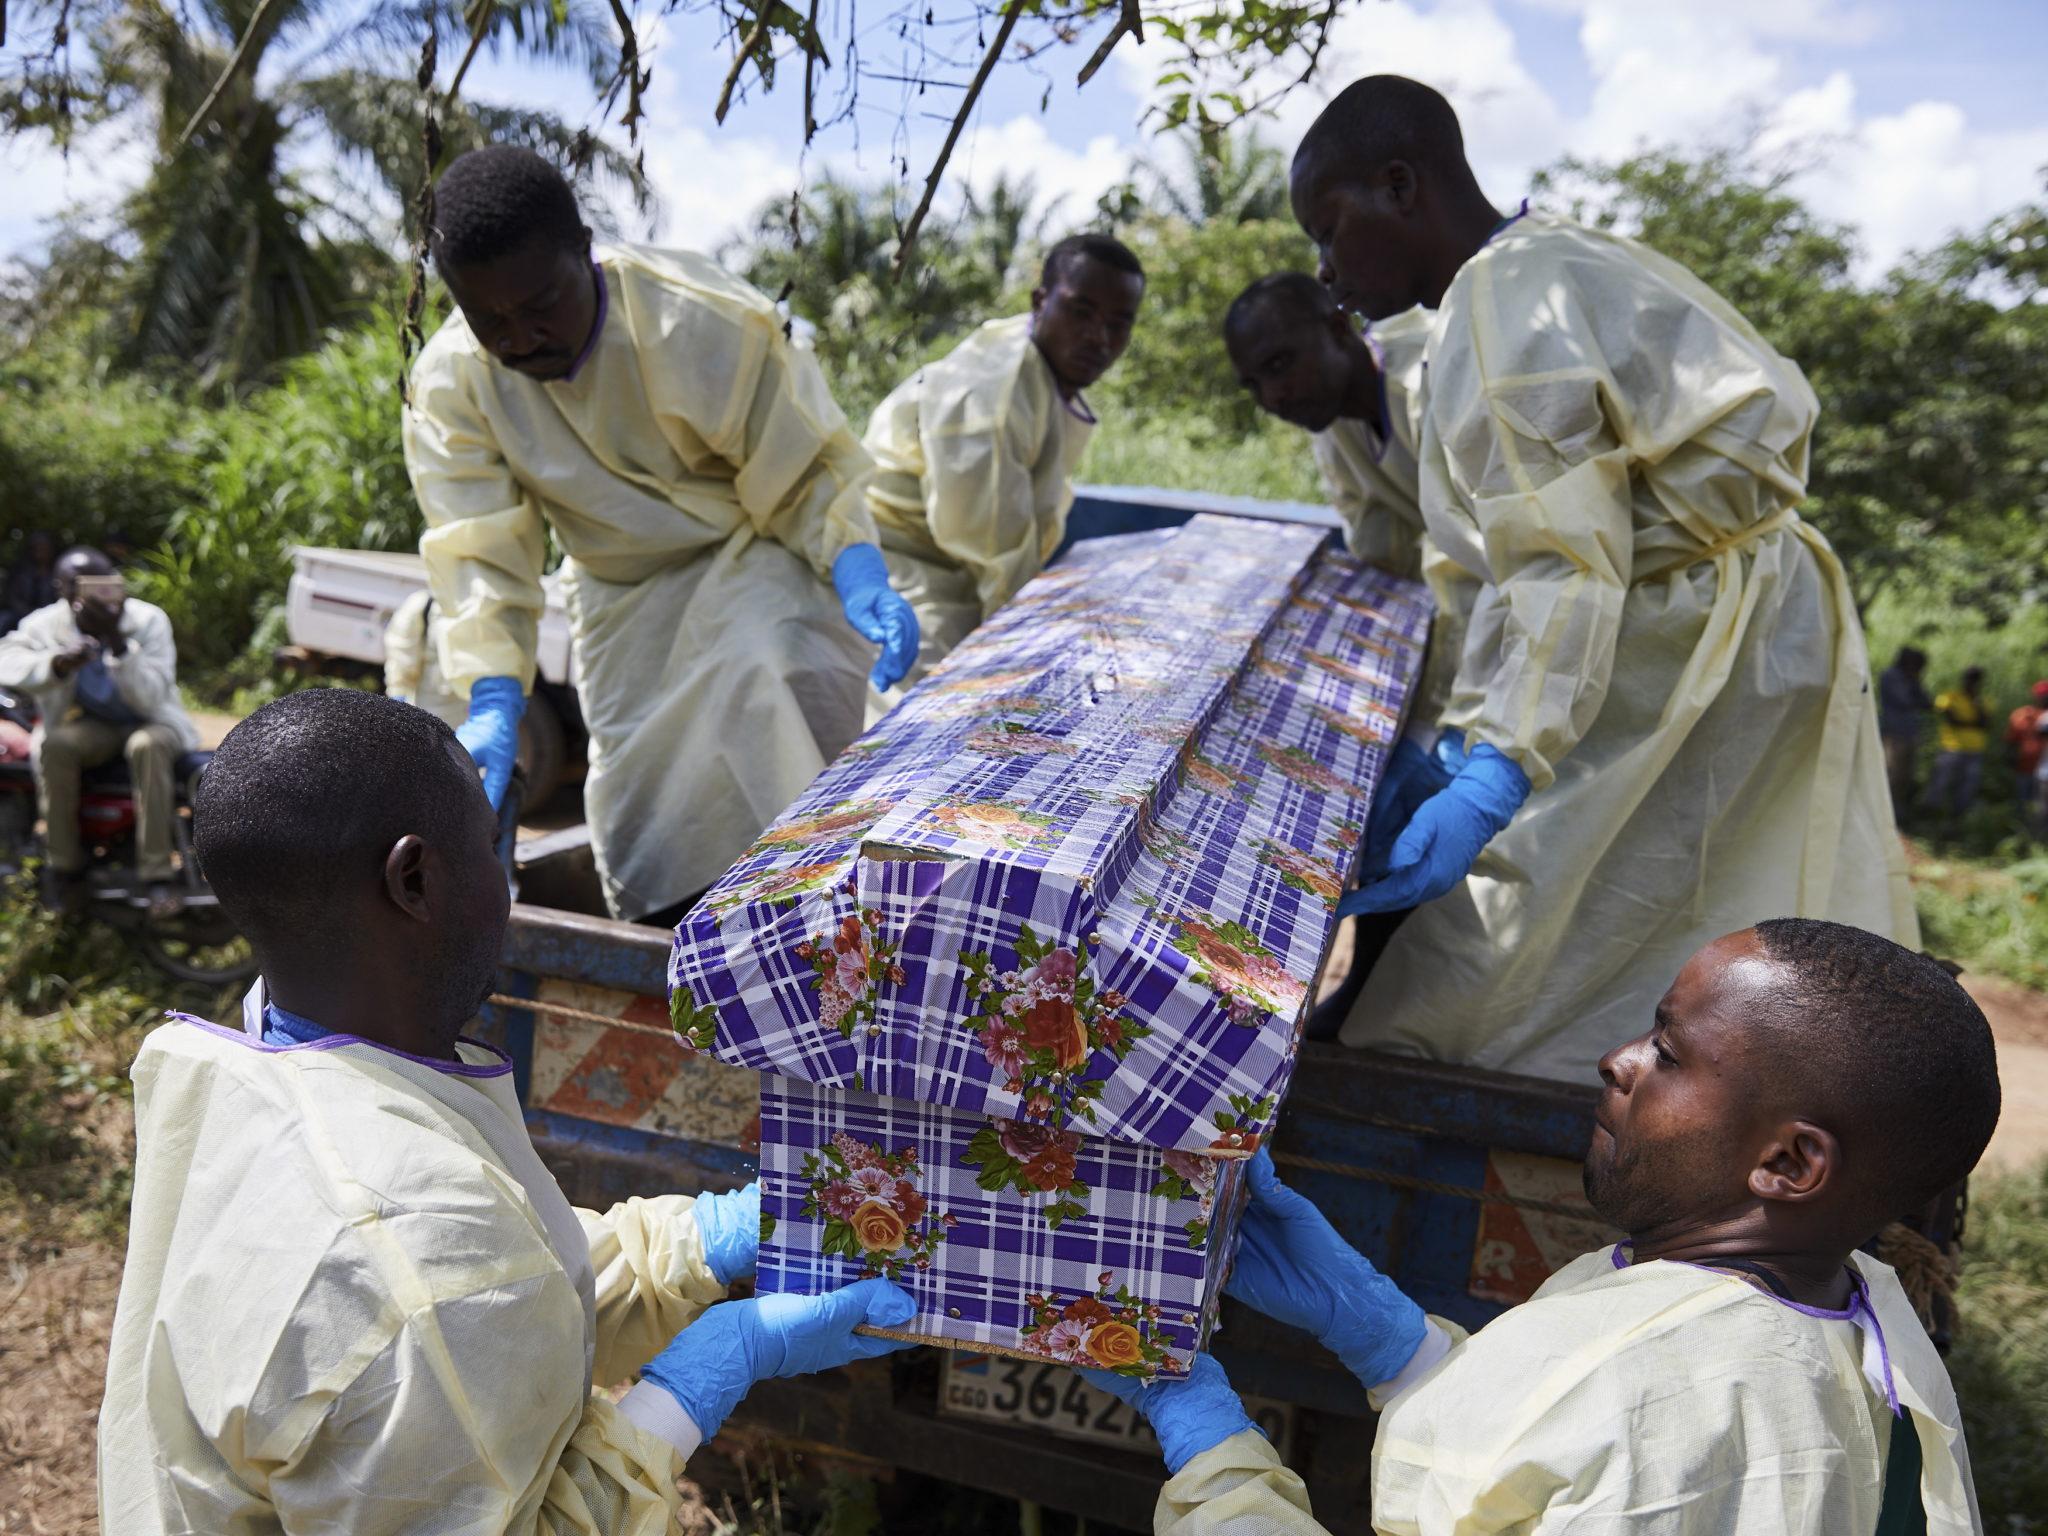 Od sierpnia 2018 roku ponad 1000 osób zmarło z powodu zarażenia się wirusem ebola we wschodniej części Demokratycznej Republiki Konga. Walkę z epidemią utrudniają ataki na szpitale i personel medyczny, fot. HUGH KINSELLA CUNNINGHAM, PAP/EPA